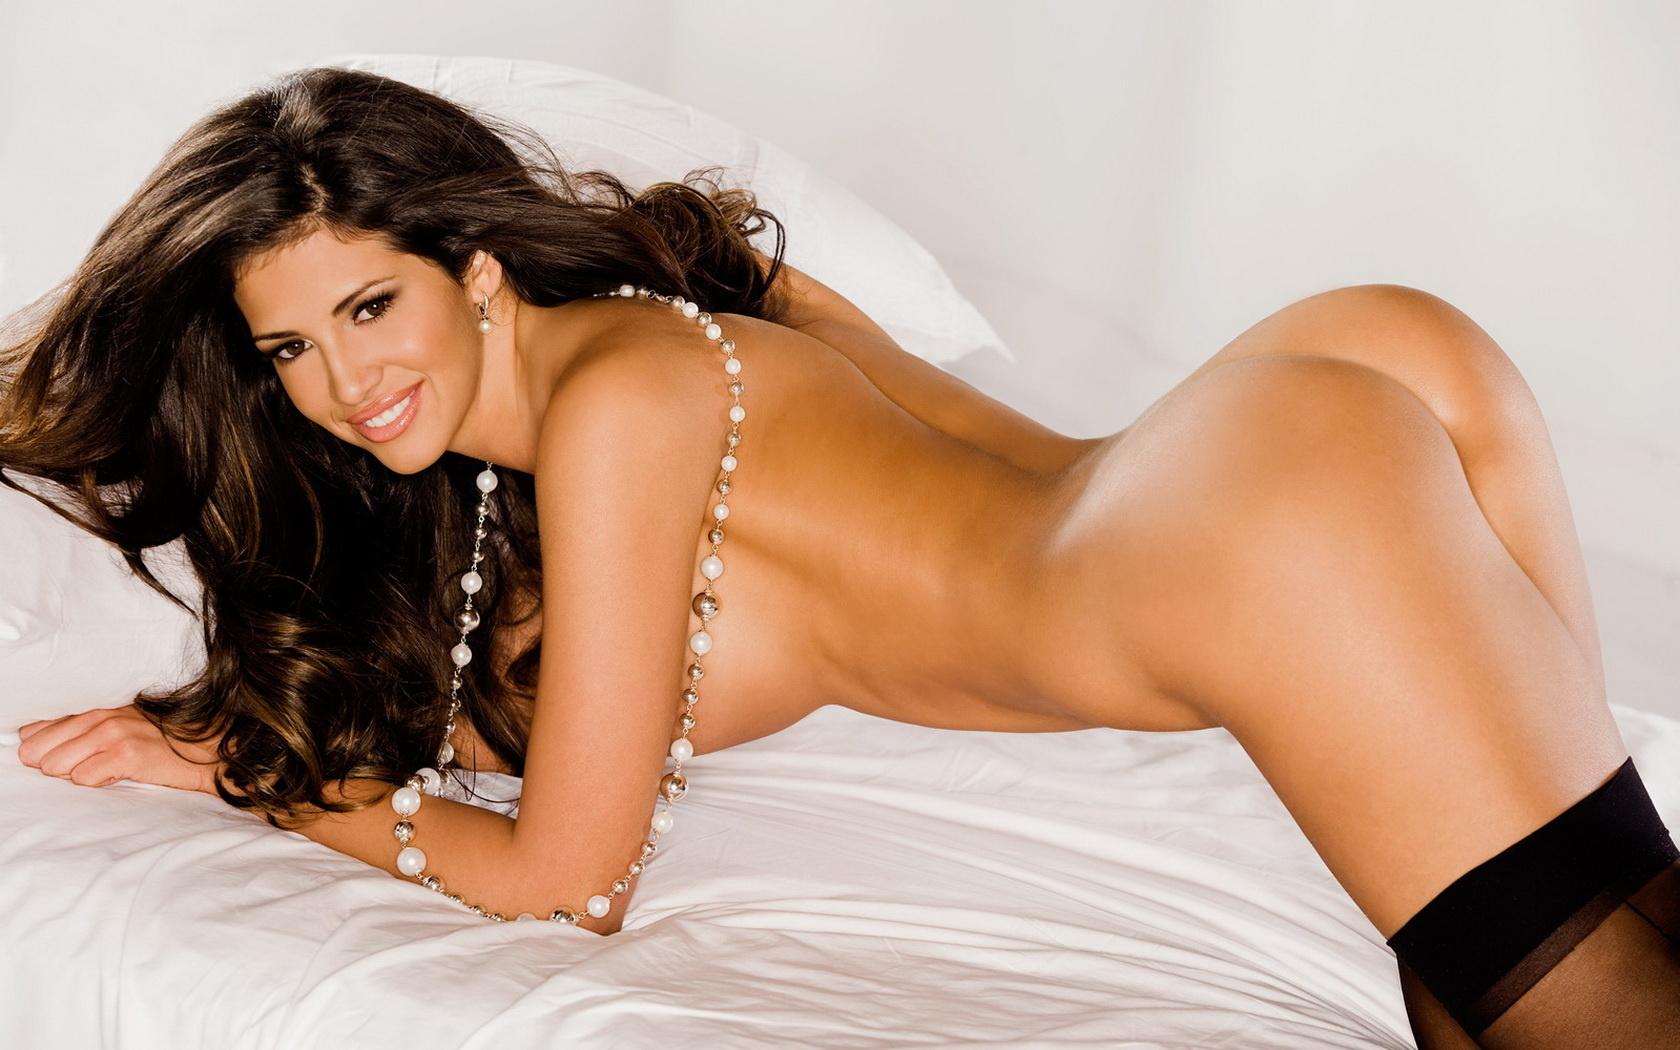 Hope Dworaczyk nue dans Playboy - Sexy 2010 - Actu